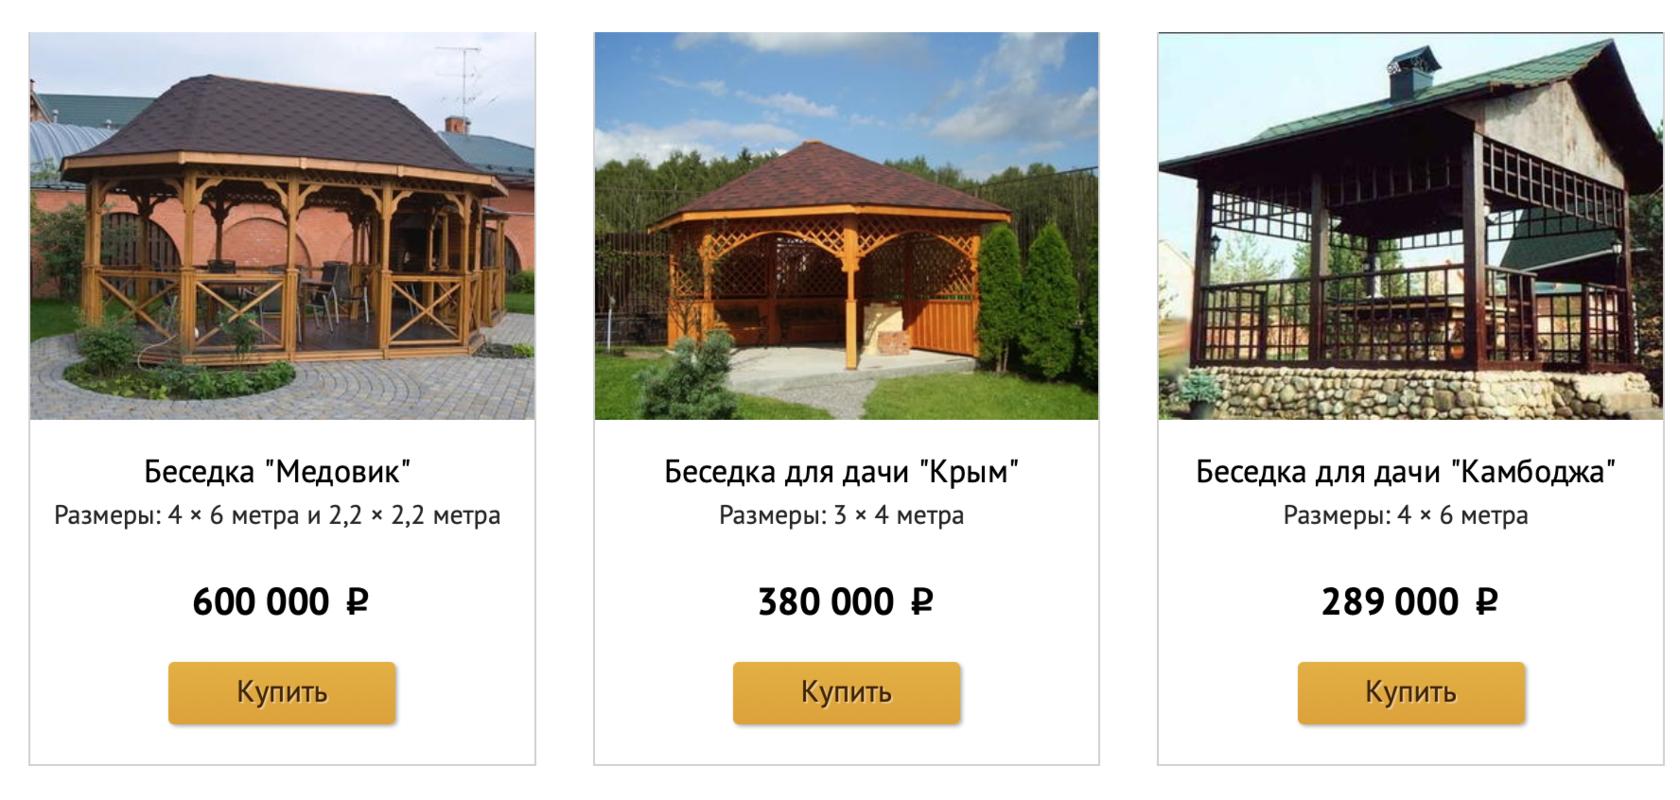 Цены на деревянные беседки под ключ 2021